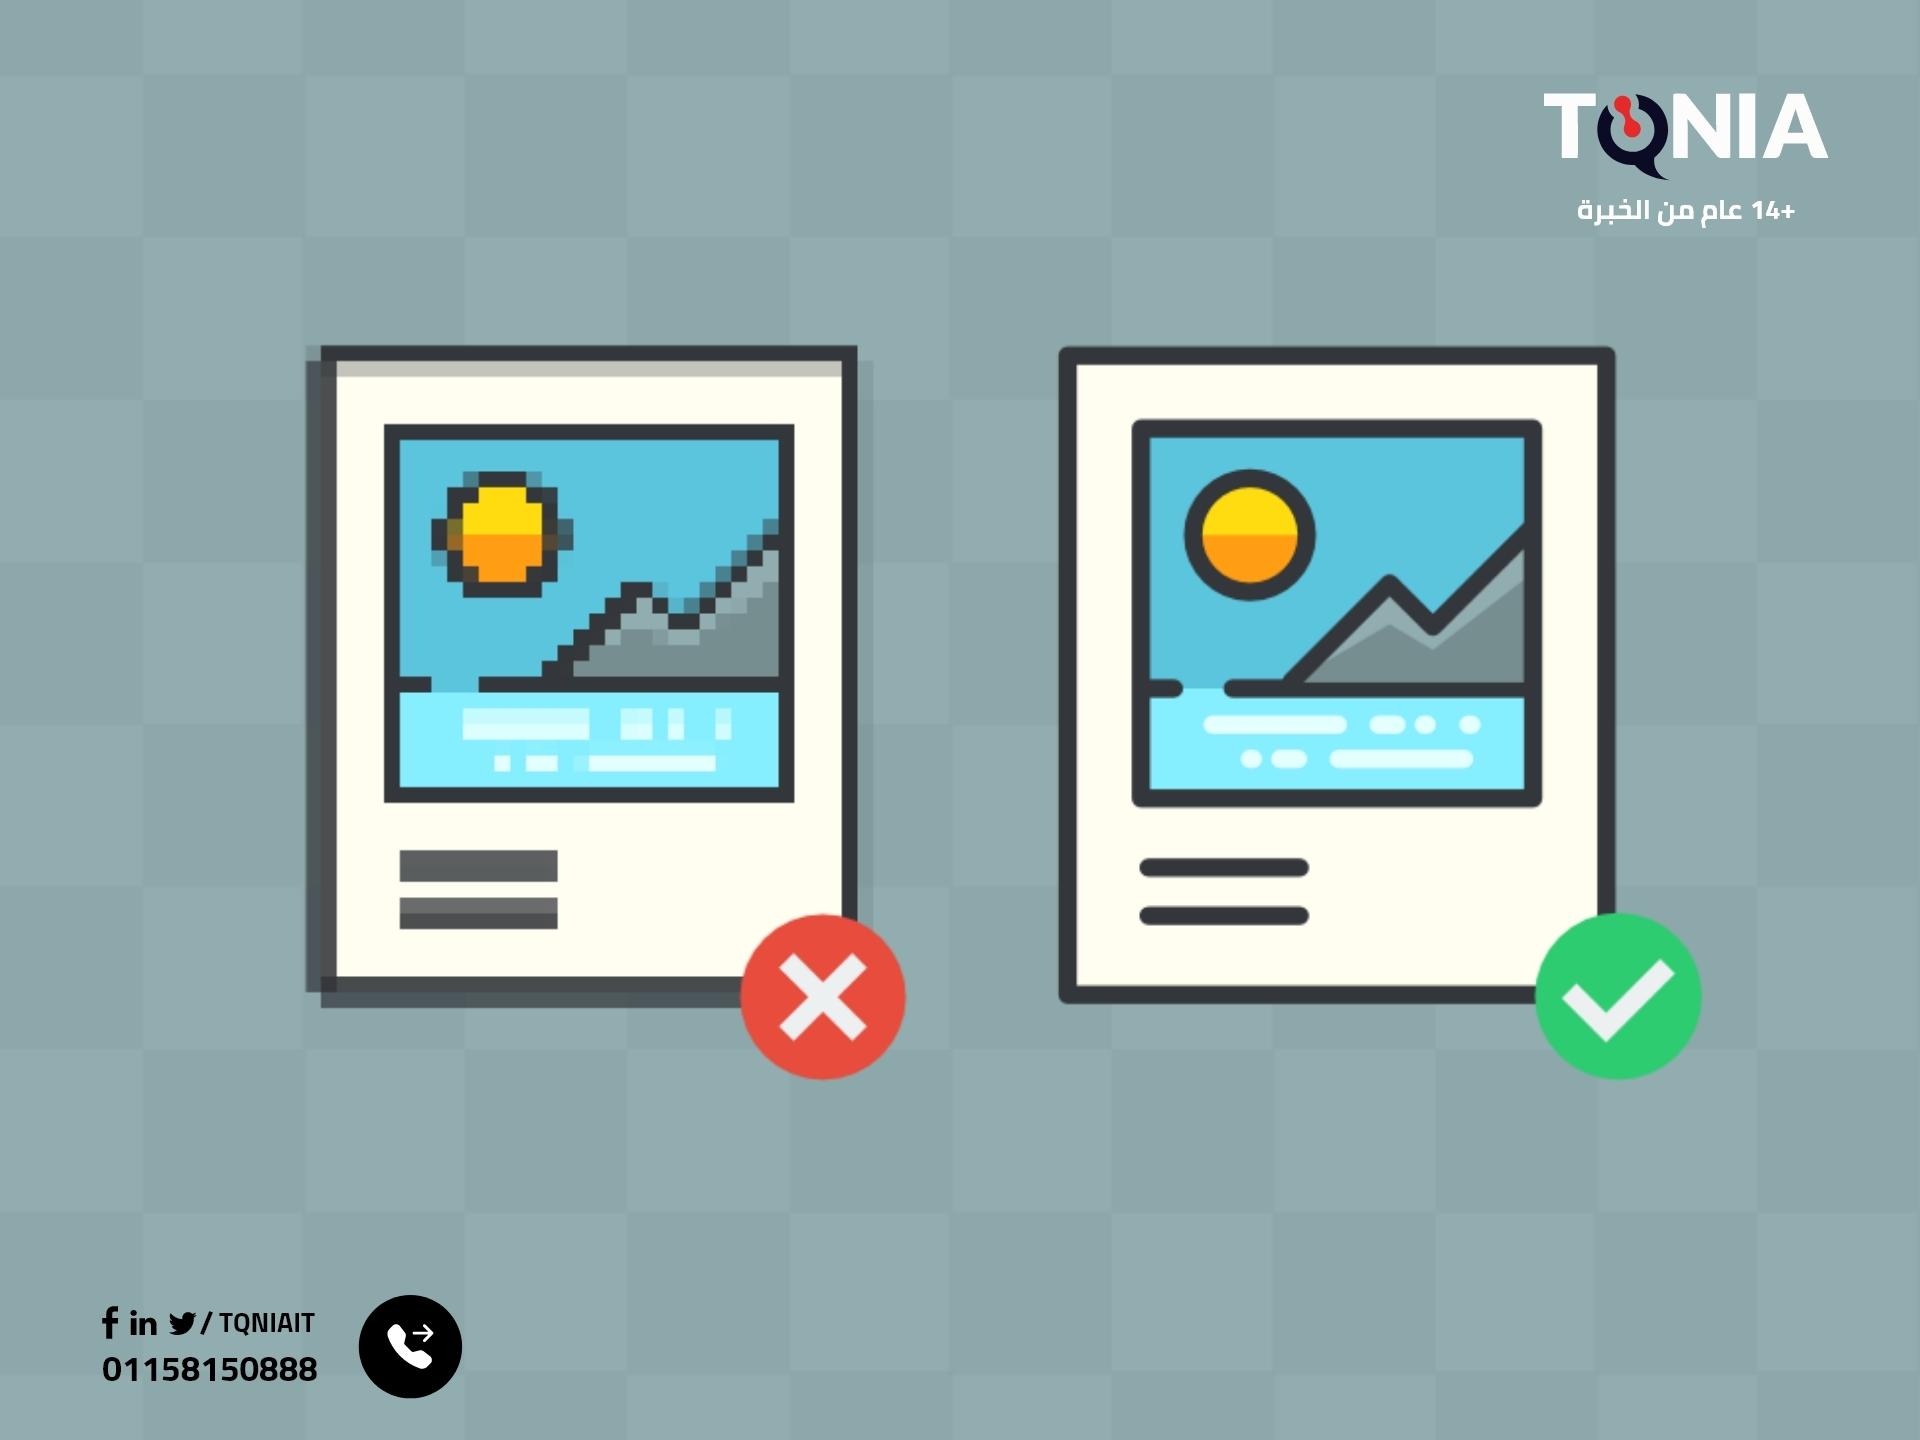 كيفية تحسين الصور لتسريع متجرك الإلكتروني